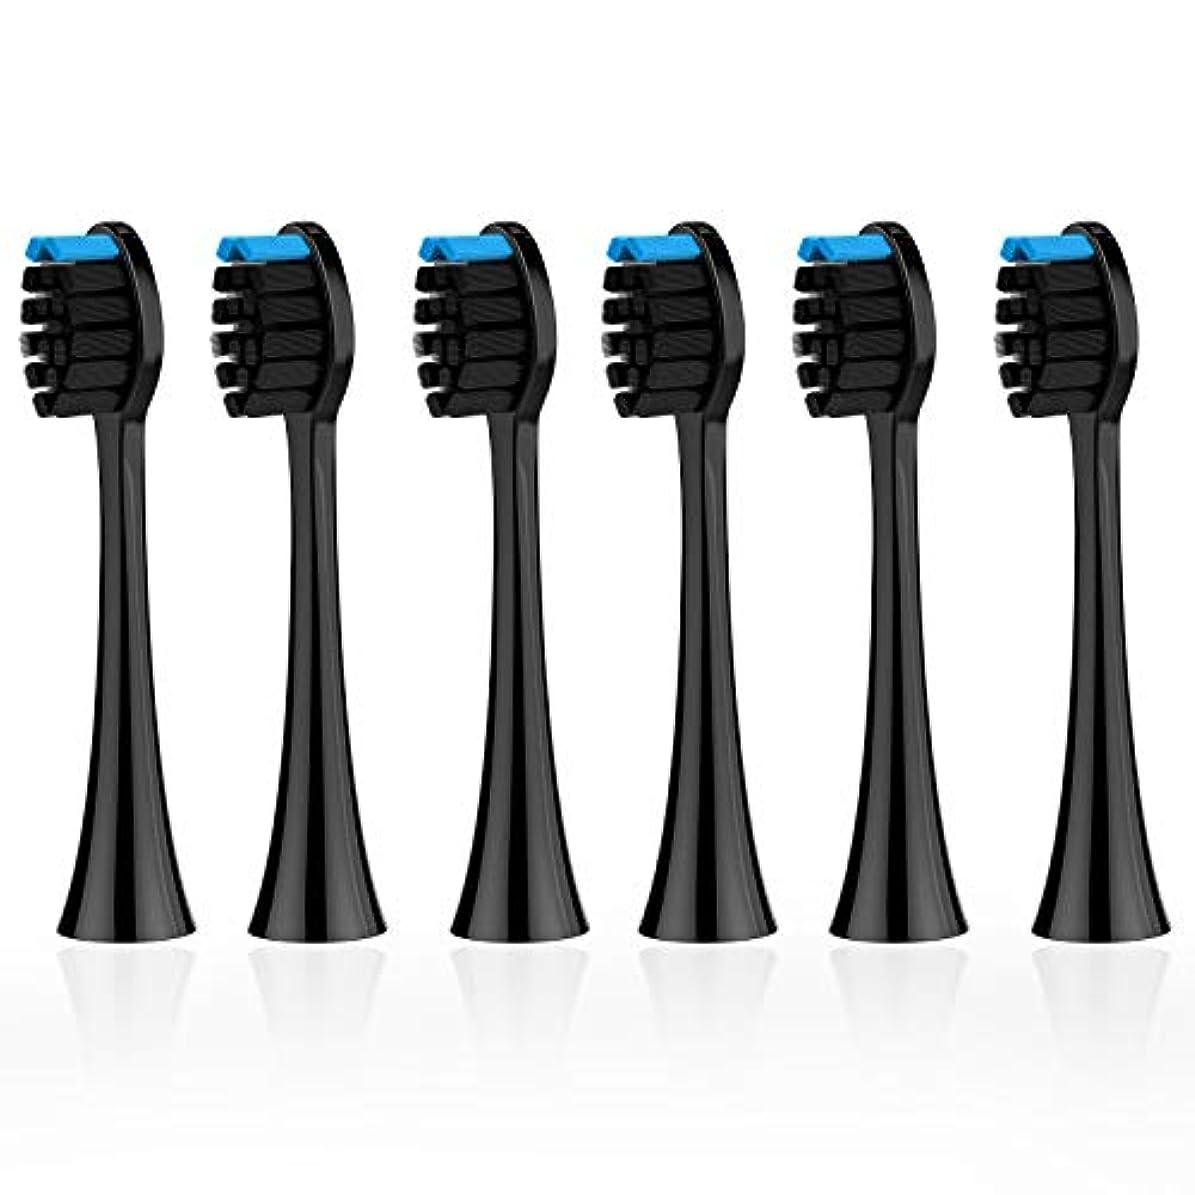 ミトンライド抽象電動歯ブラシ用 替えブラシ Metene 6本入 ブラシヘッド やわらかめ ブラック 互換ブラシ